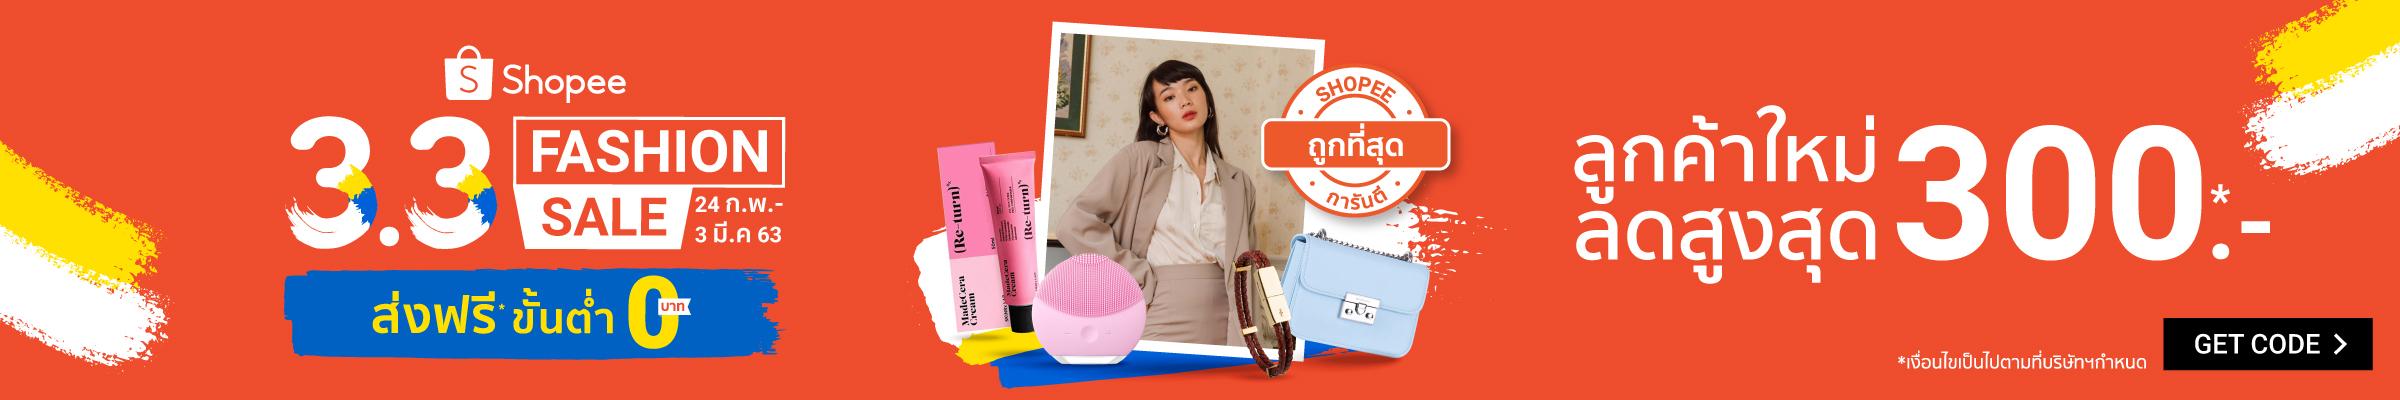 Shopee Fashion Sale